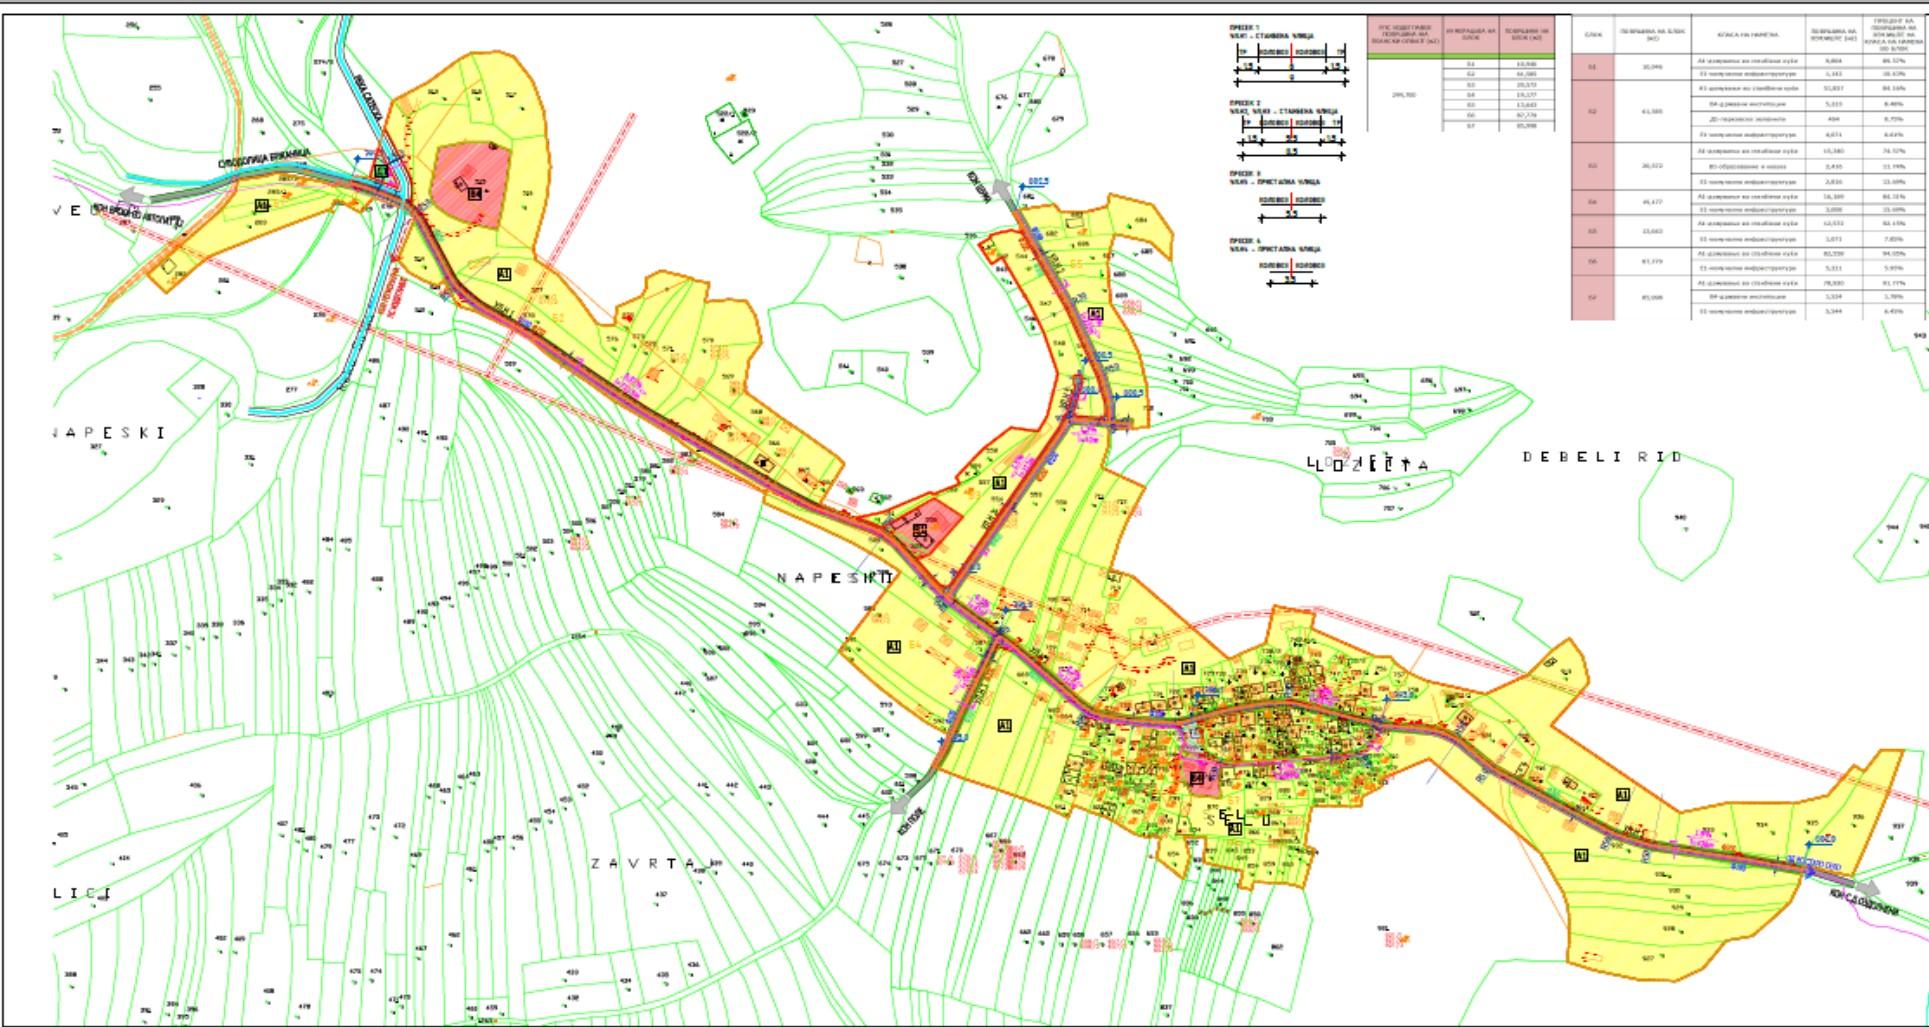 Соопштение: Јавната анкета и јавната презентација по Предлог – Урбанистичкиот план за село Издеглавје